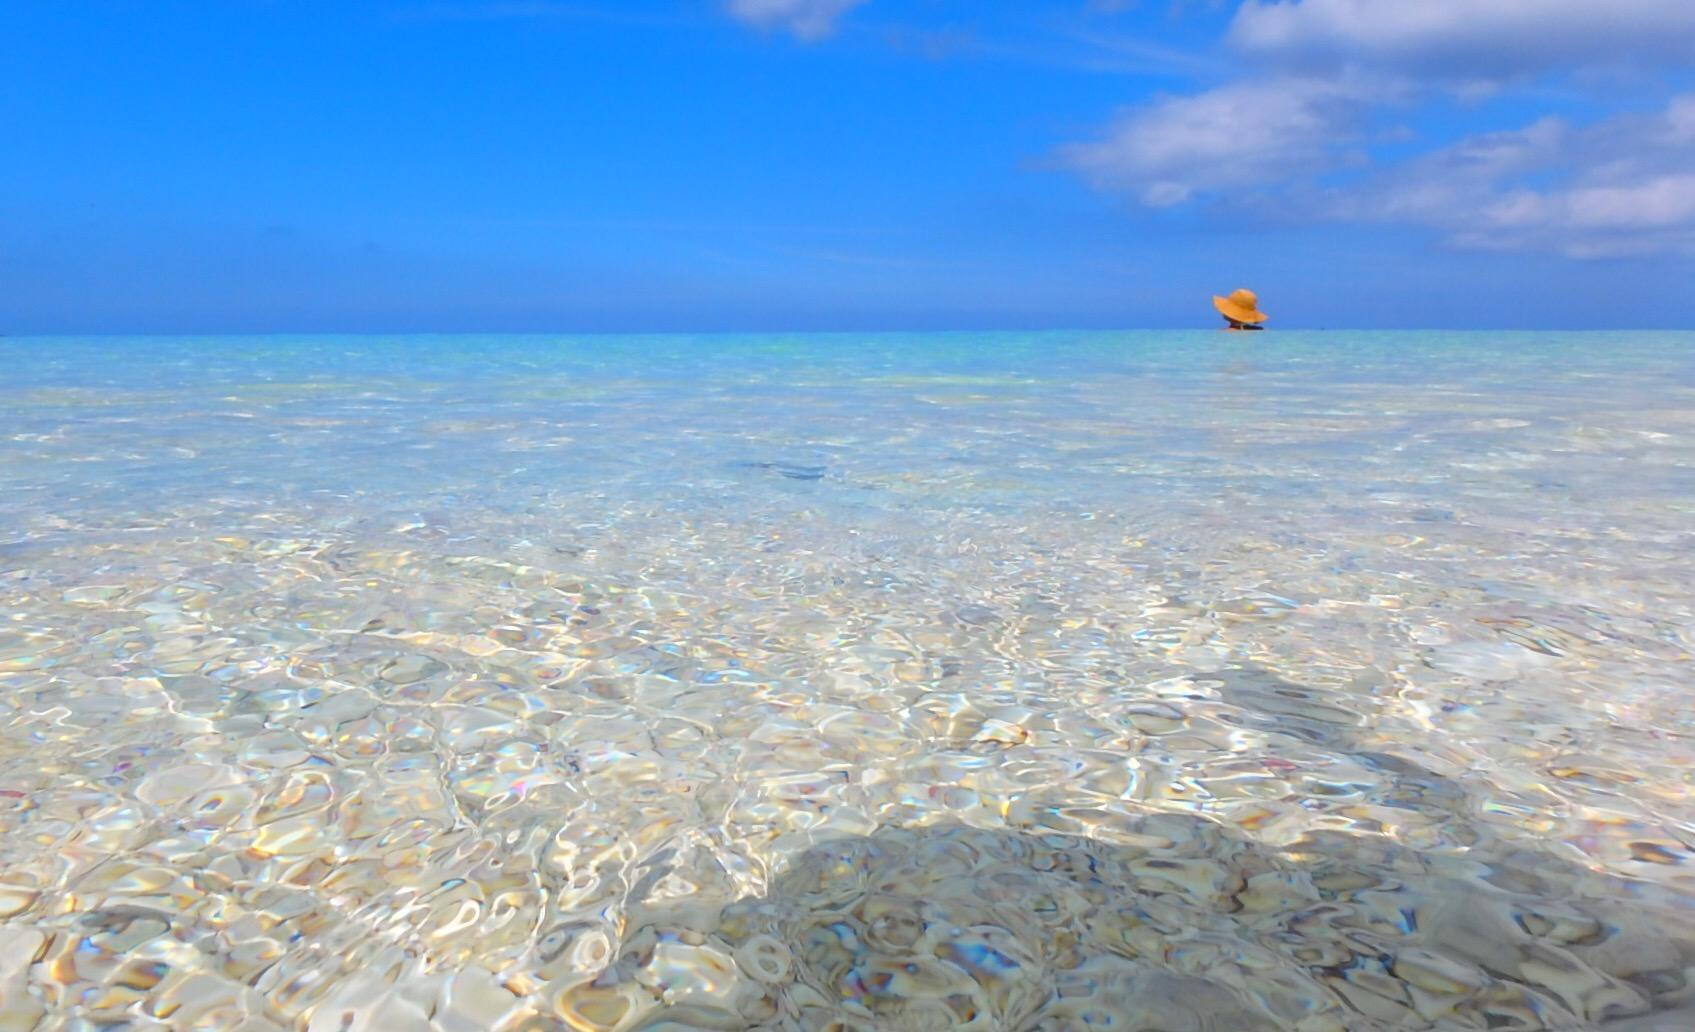 与論島 最高に綺麗なおすすめの海 ウドノスビーチ